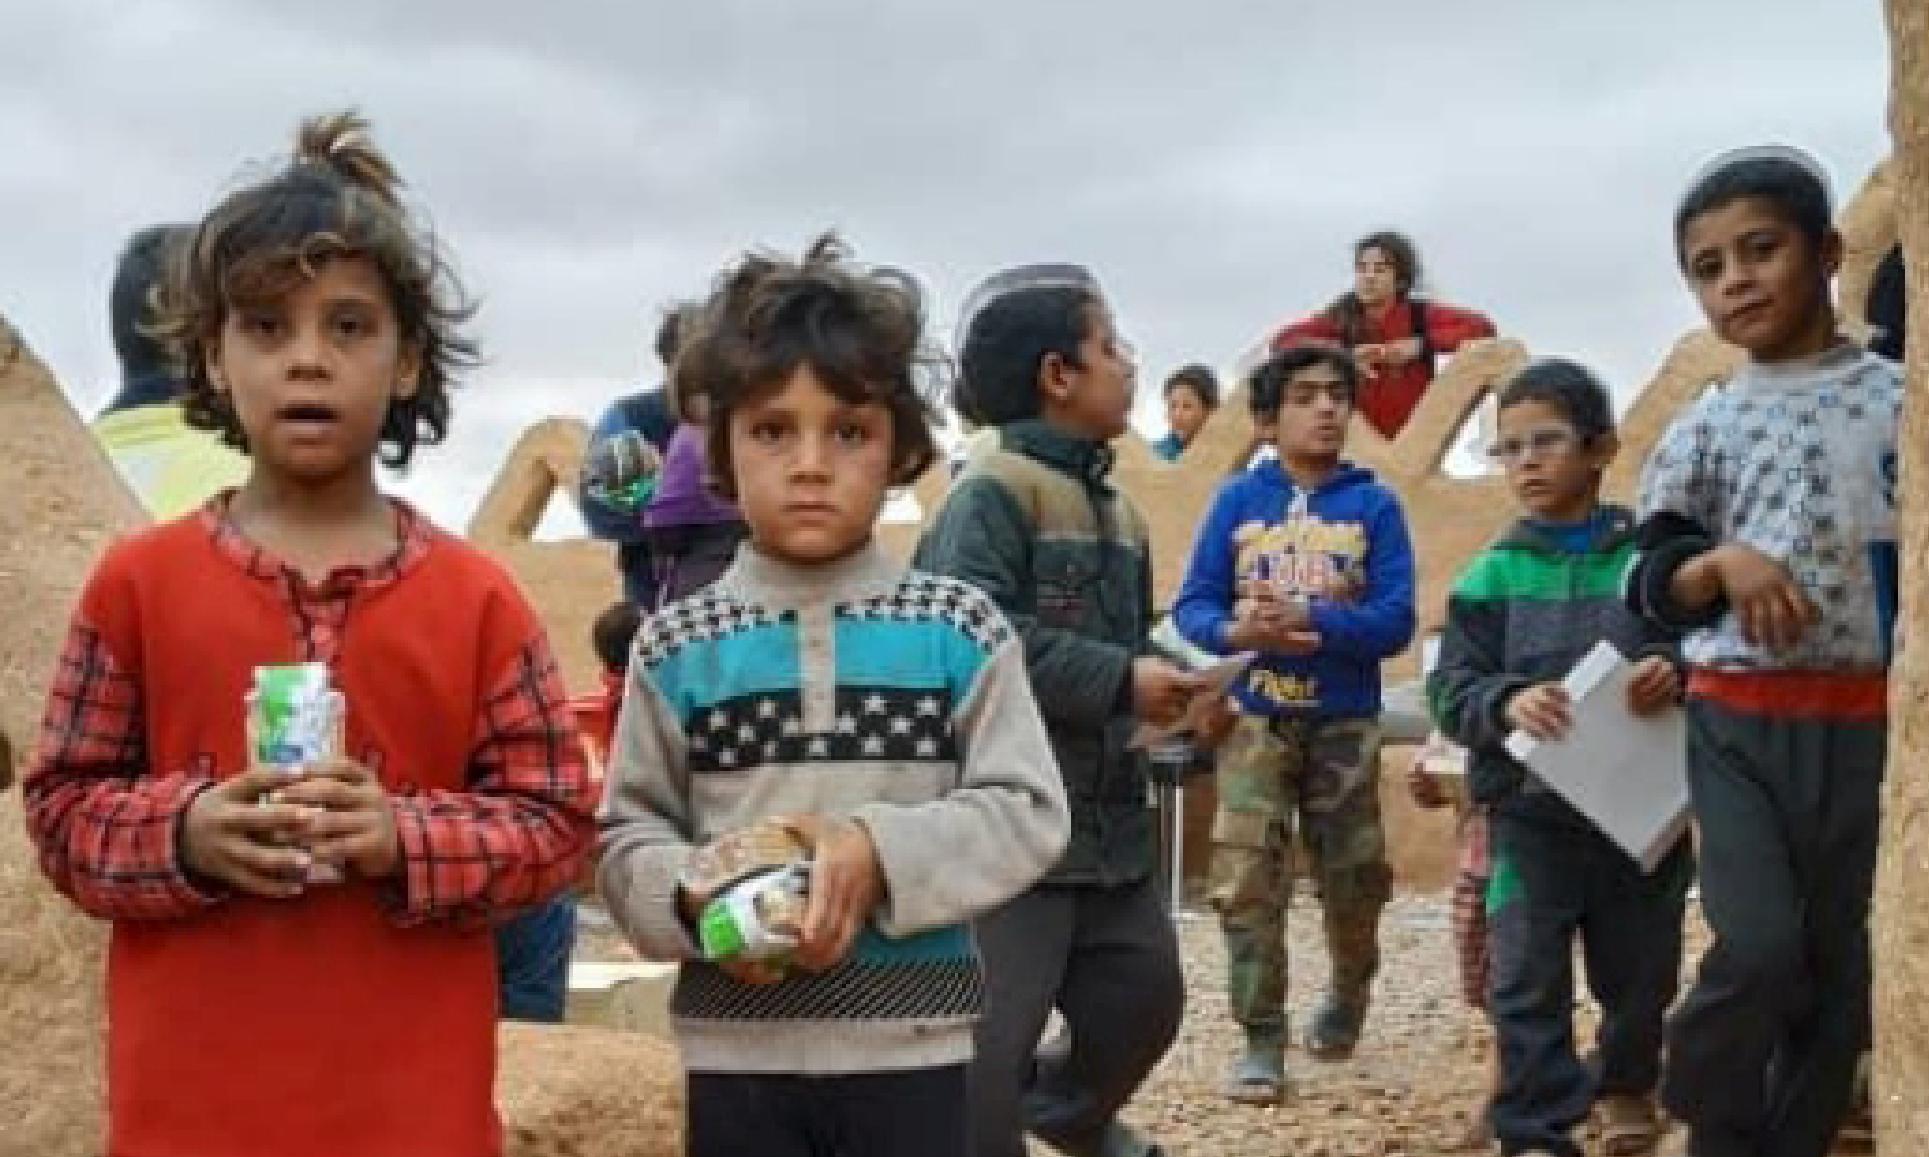 ALTRI BIMBI MORTI NEL LAGER DEGLI USA IN SIRIA